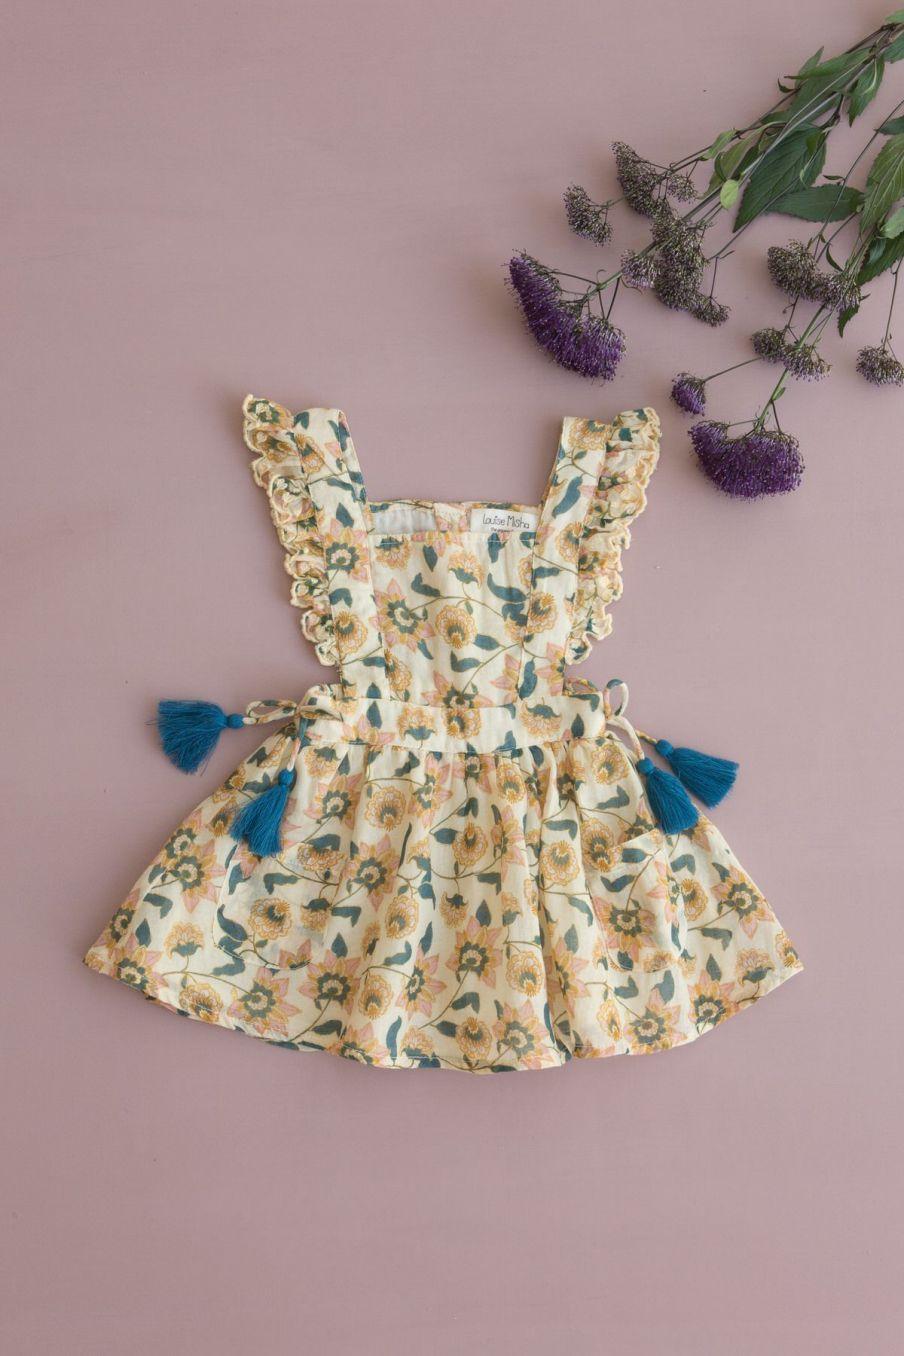 boheme chic vintage robe bébé fille mistinguette cream flowers